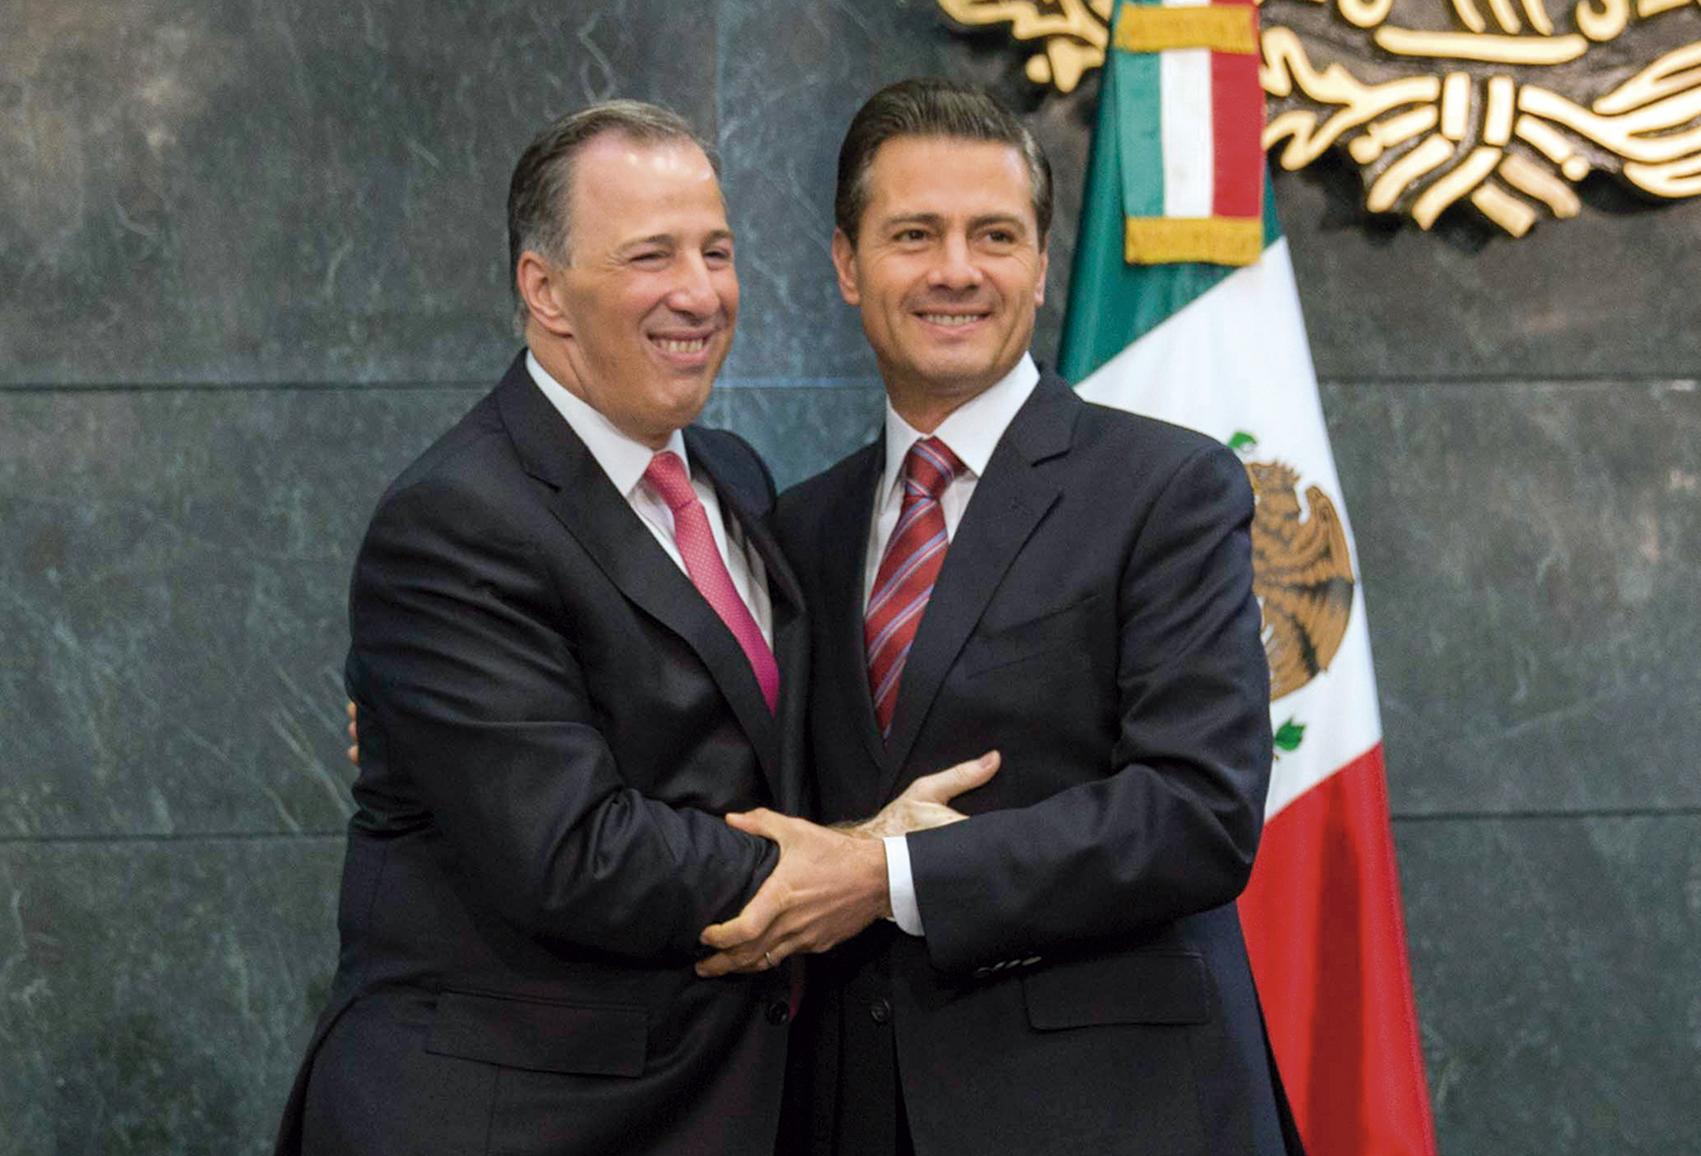 Photo of José Antonio Meade Kuribreña, Virtual Candidato del PRI, se perfila para ganar la Presidencia de la República